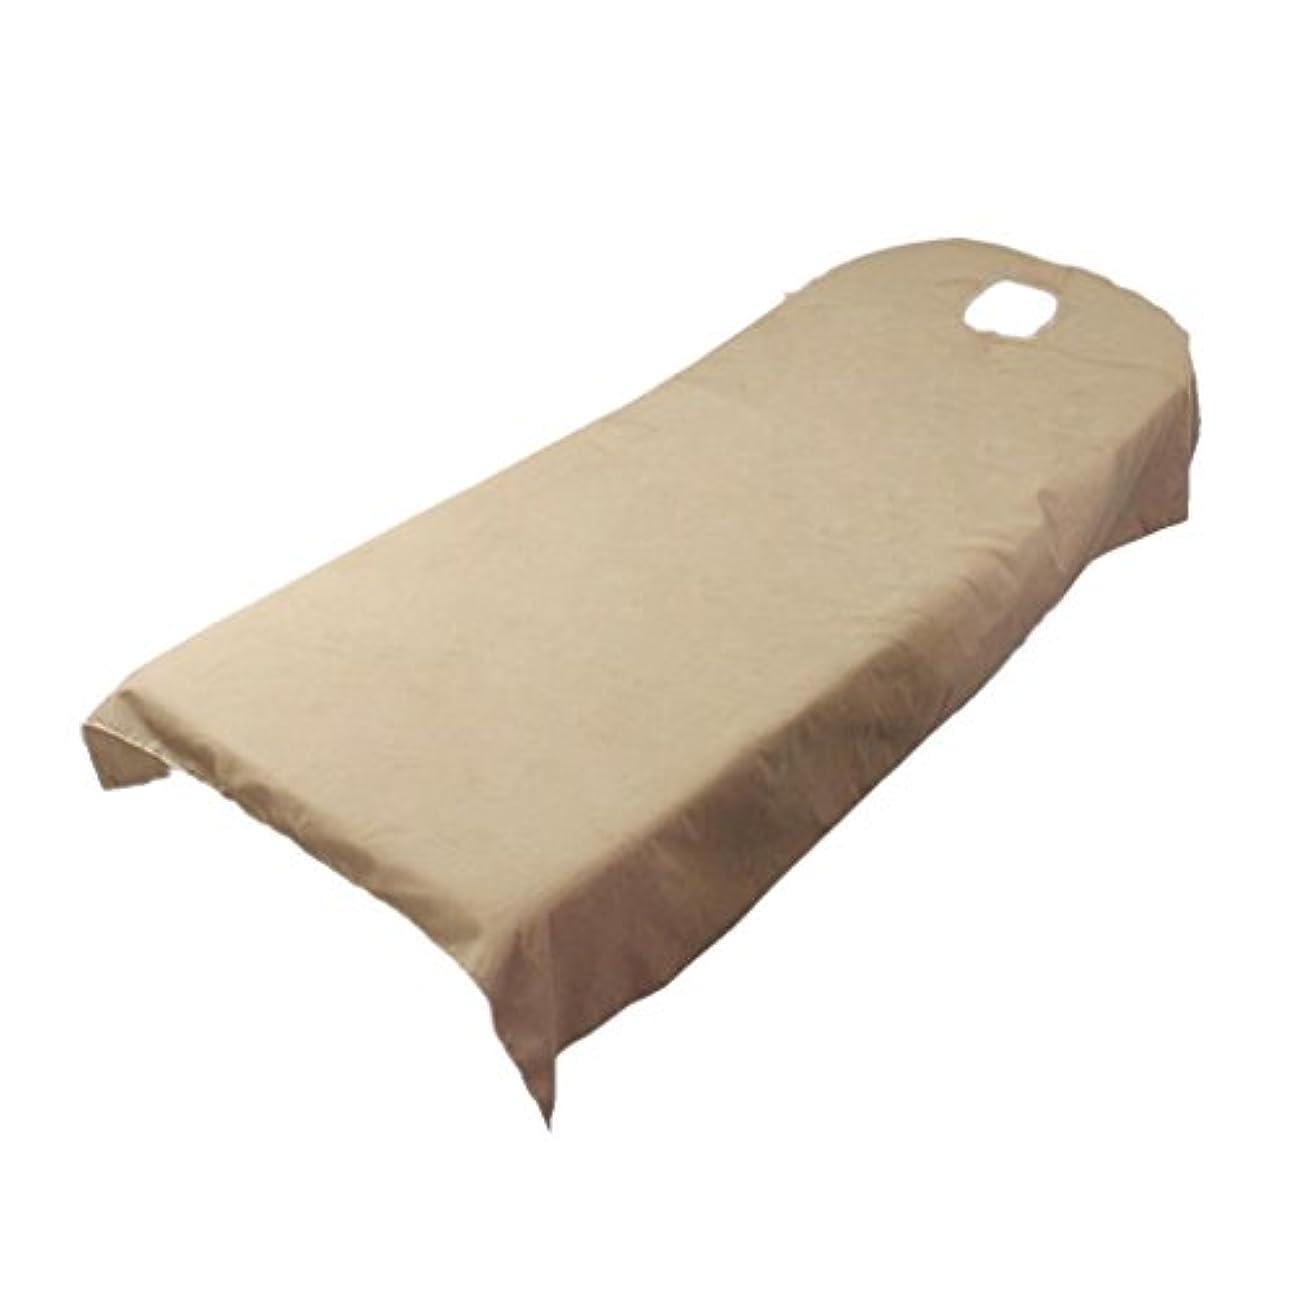 アクティブレベル処分した柔らかい ベッドカバー シート ホール付き 美容/マッサージ/スパ専用 全9色可選 - キャメル